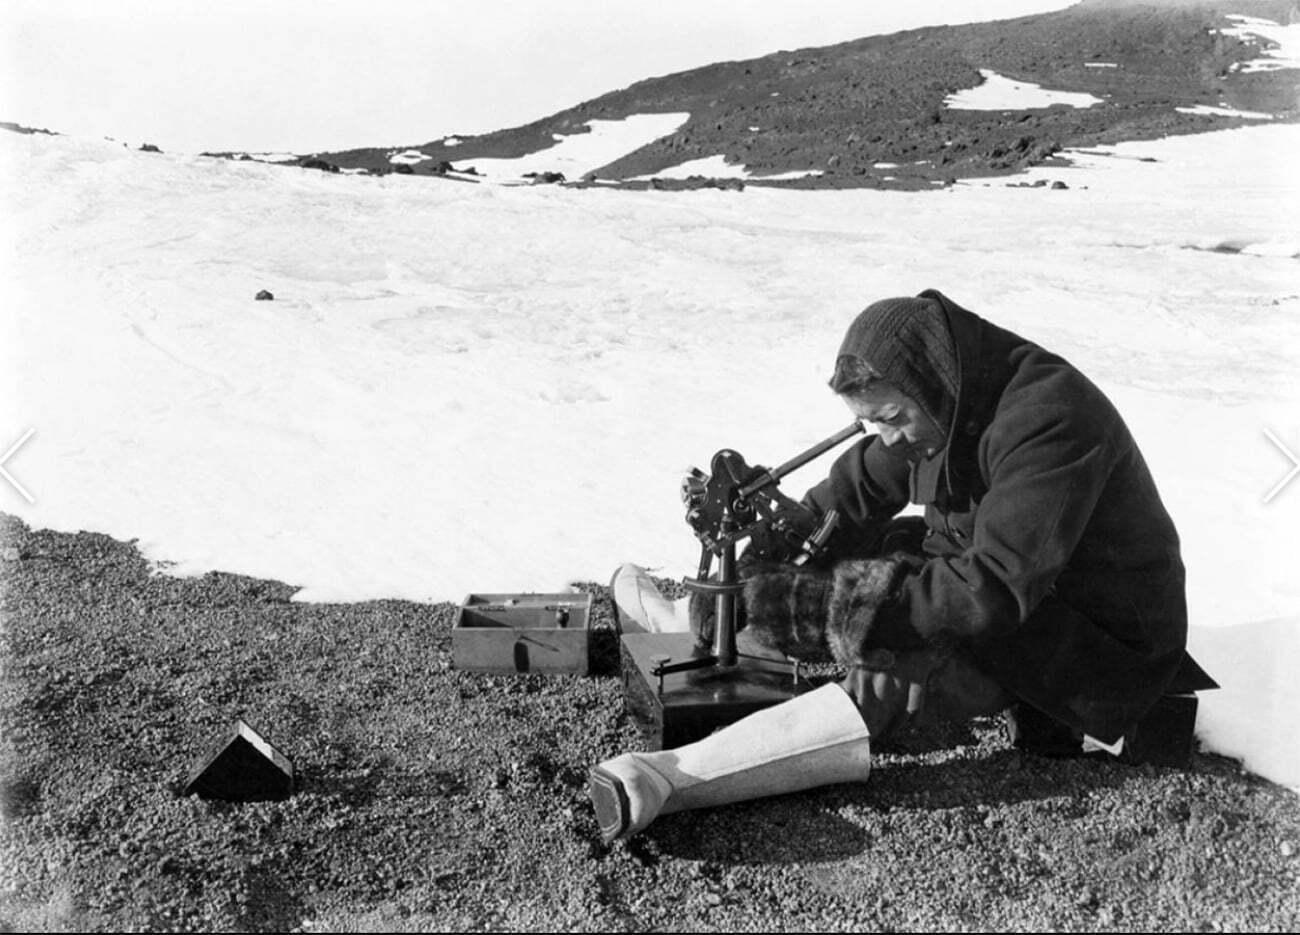 imagem de pesquisador da expedição Terra Nova, de Scott, à Antártica